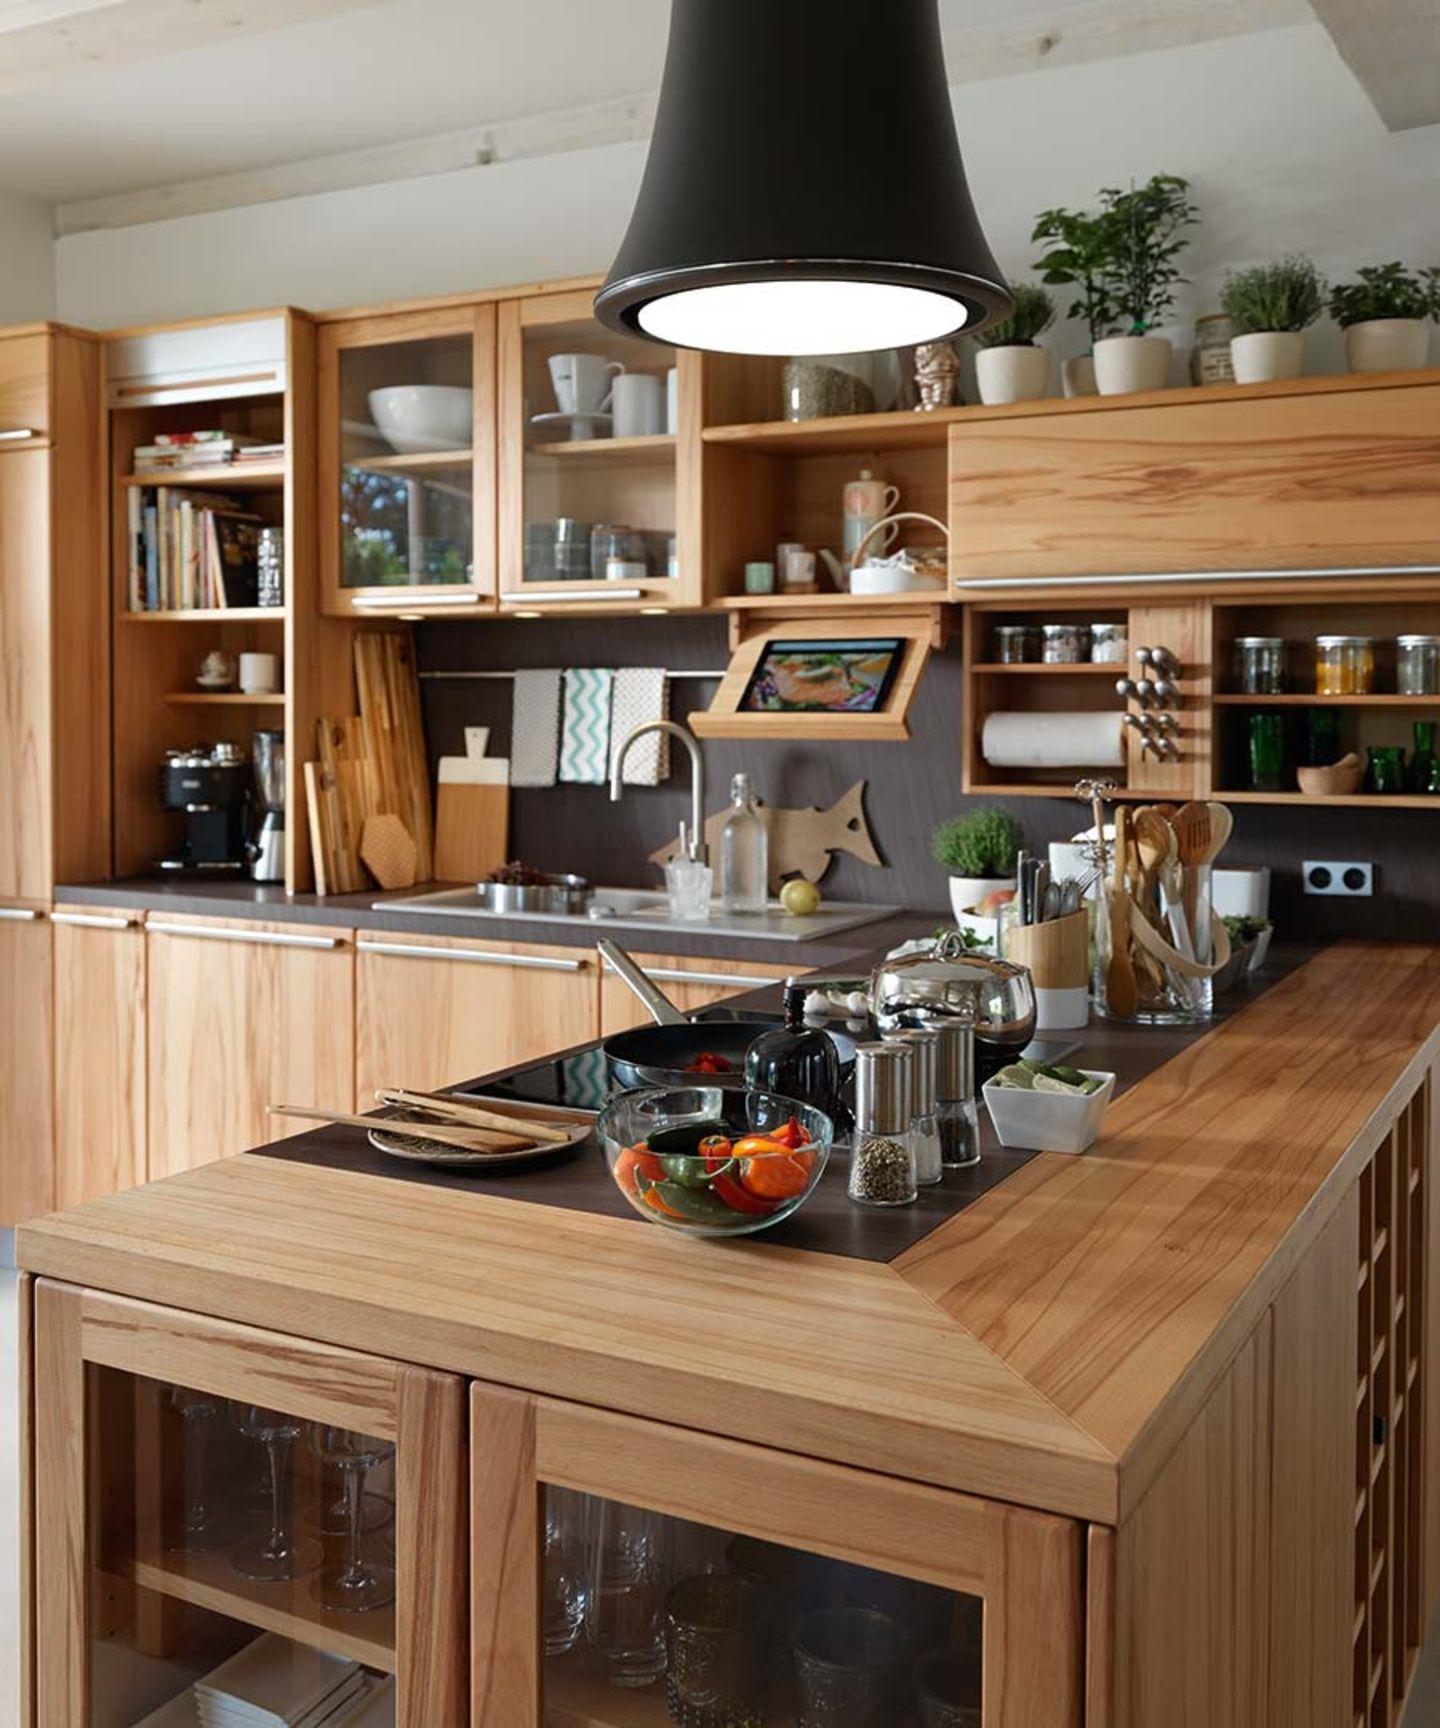 Cucina in legno rondo con leggio in legno naturale per libri di ricette